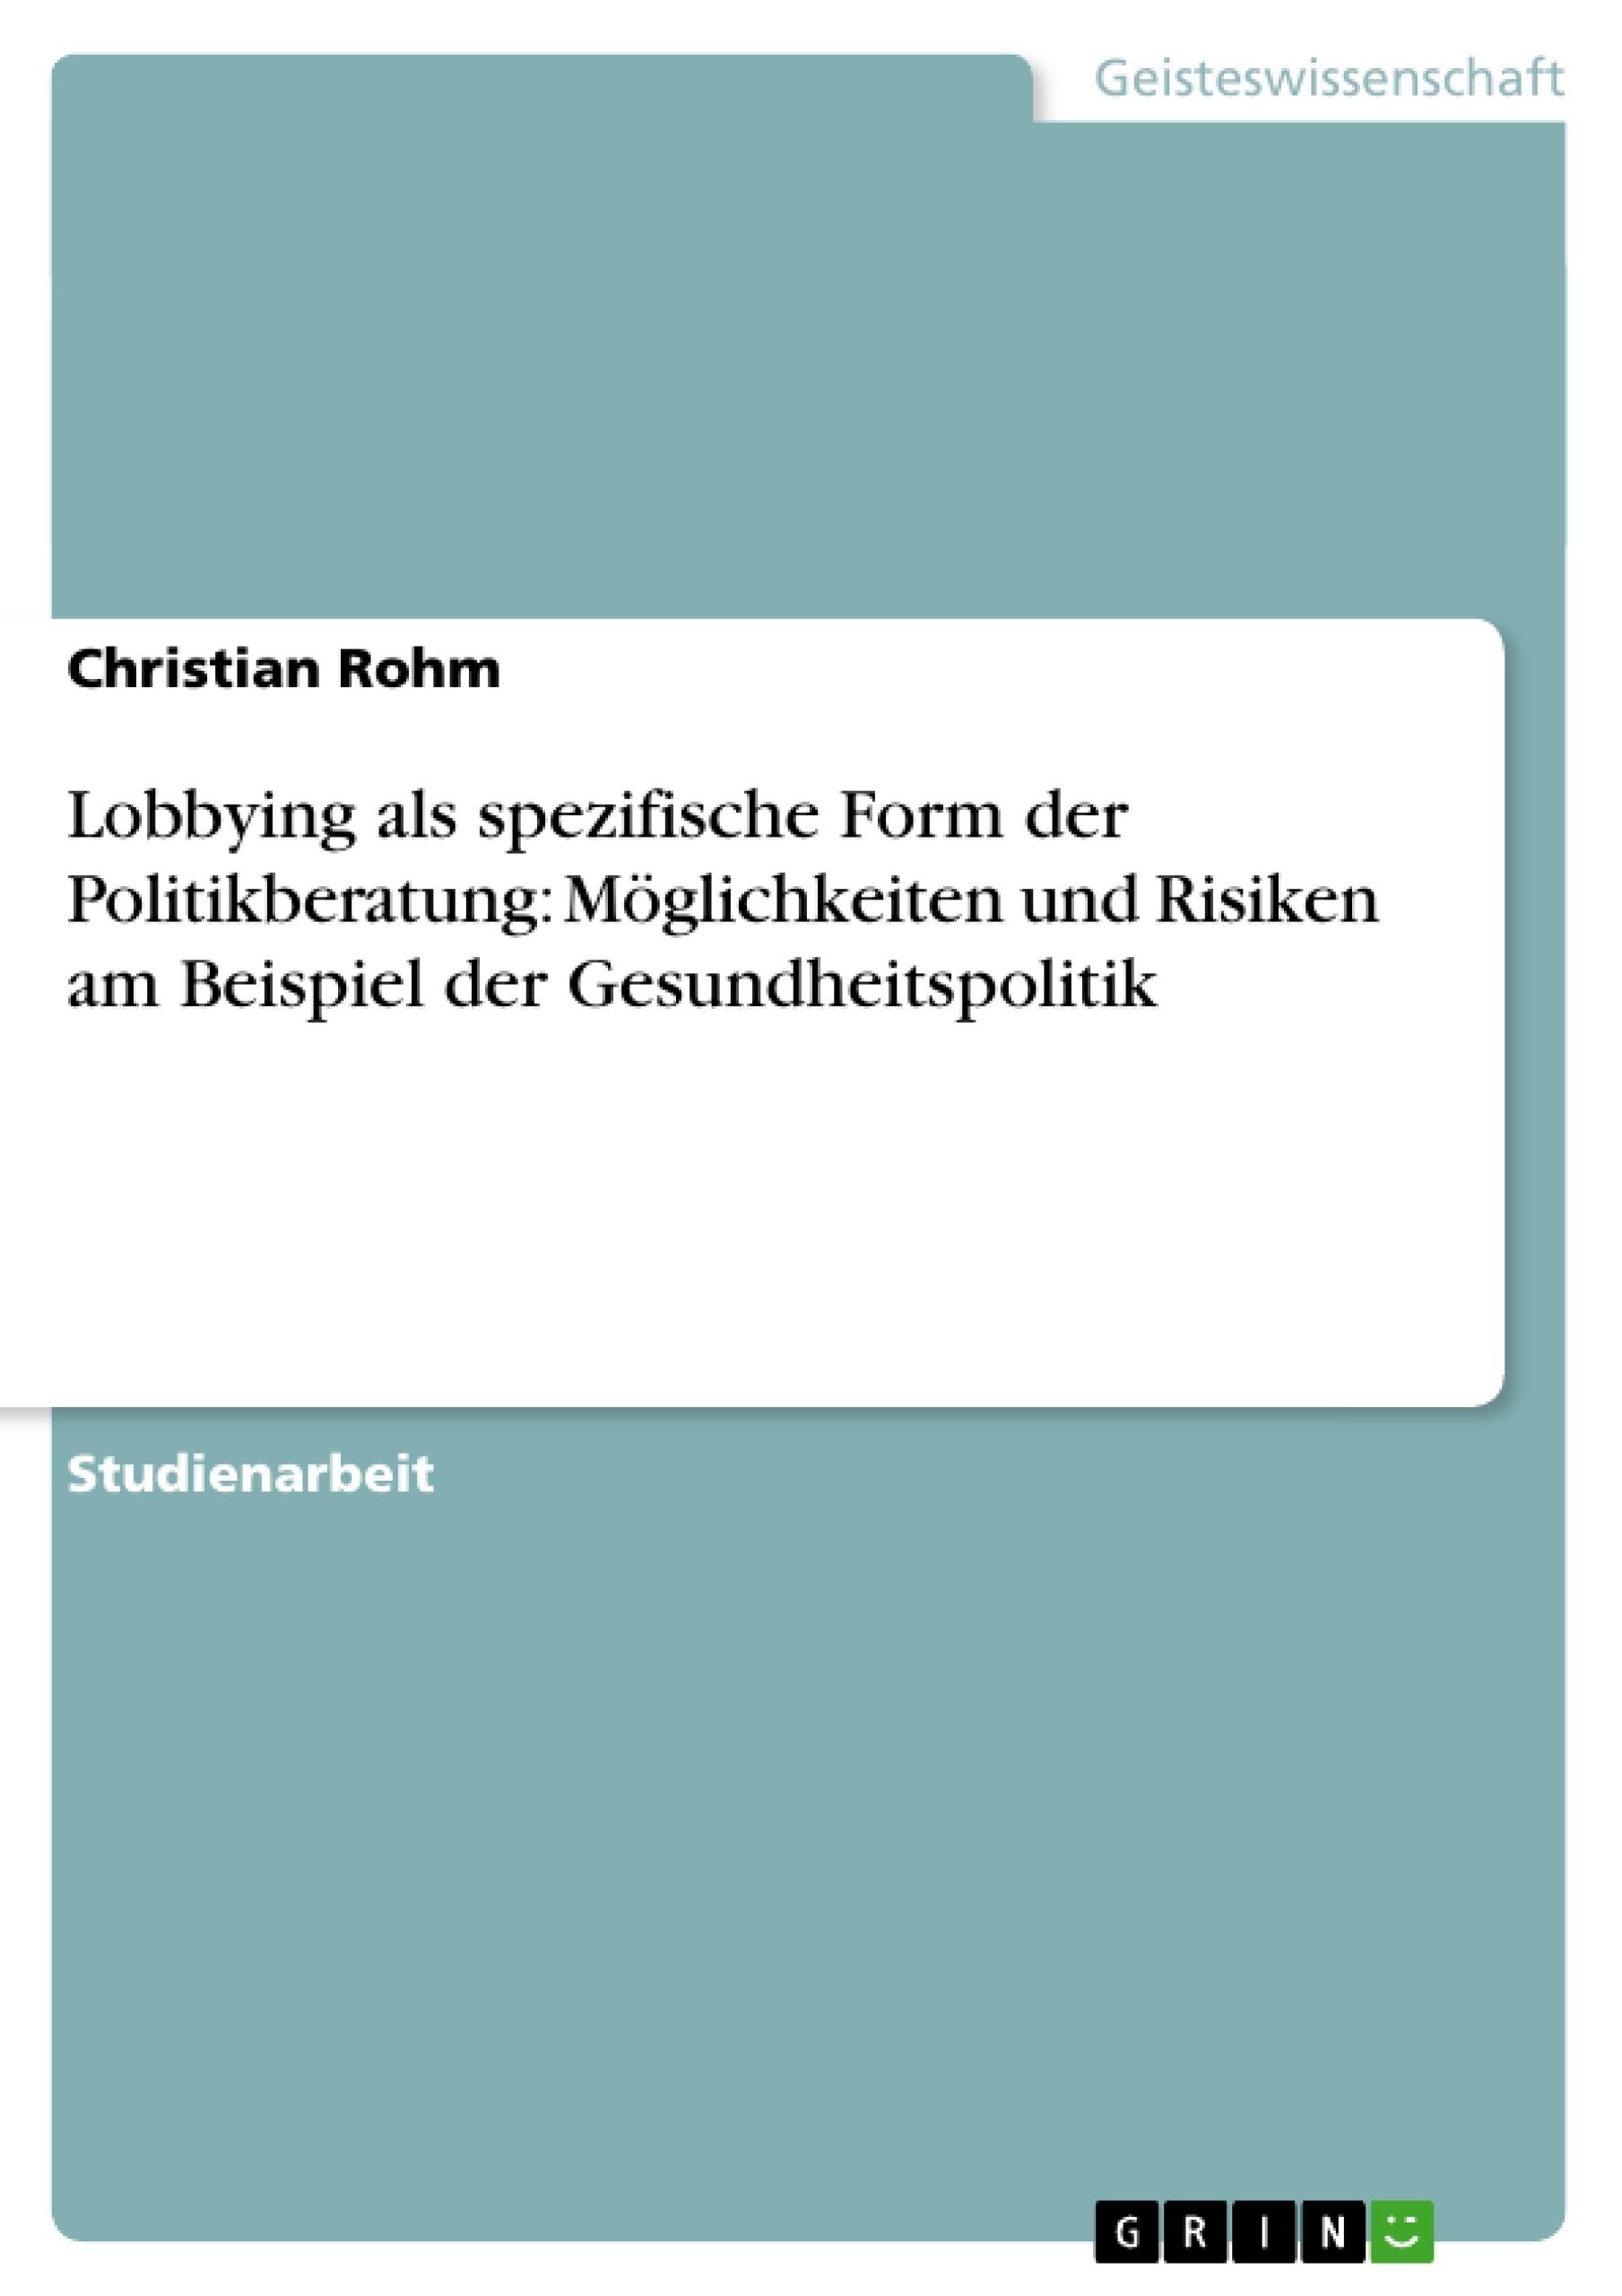 Titel: Lobbying als spezifische Form der Politikberatung: Möglichkeiten und Risiken am Beispiel der Gesundheitspolitik